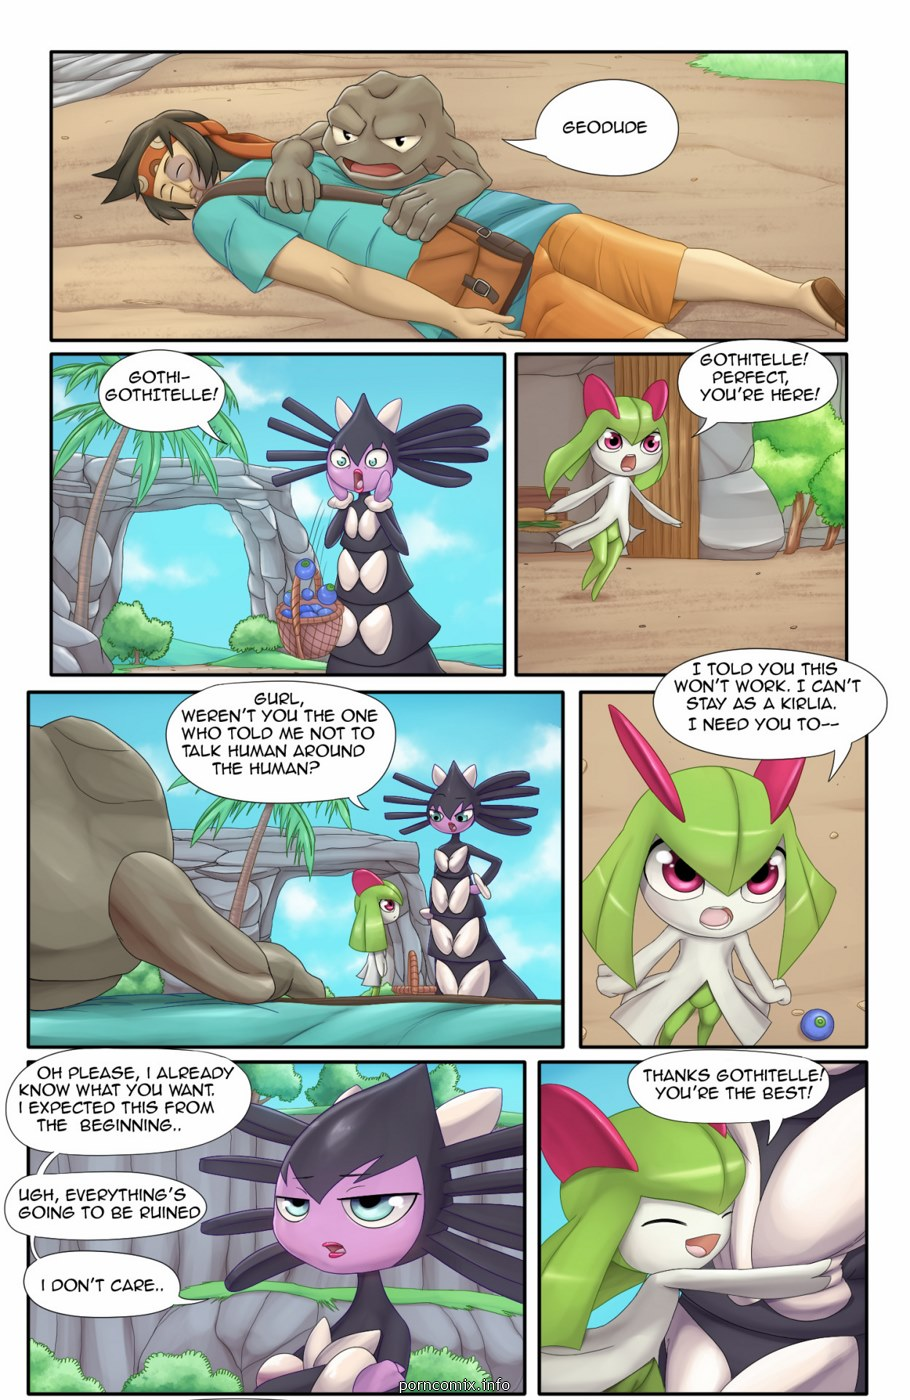 Deception (Pokemon)